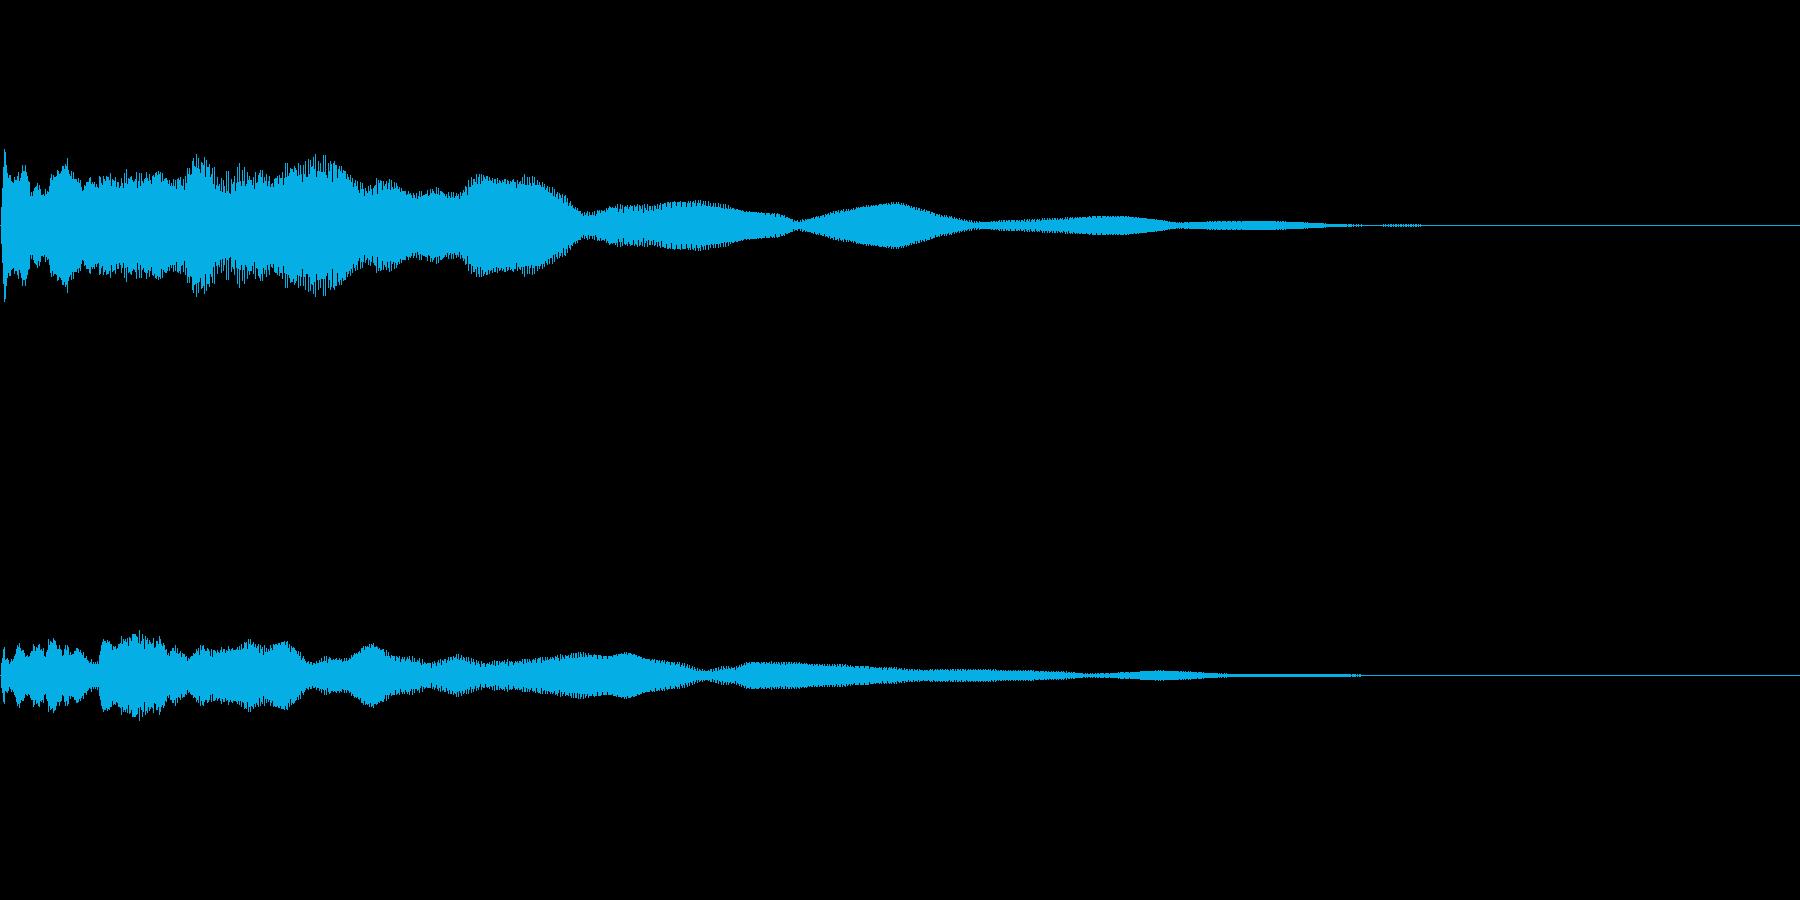 優しくさわやかなギターサウンドロゴの再生済みの波形